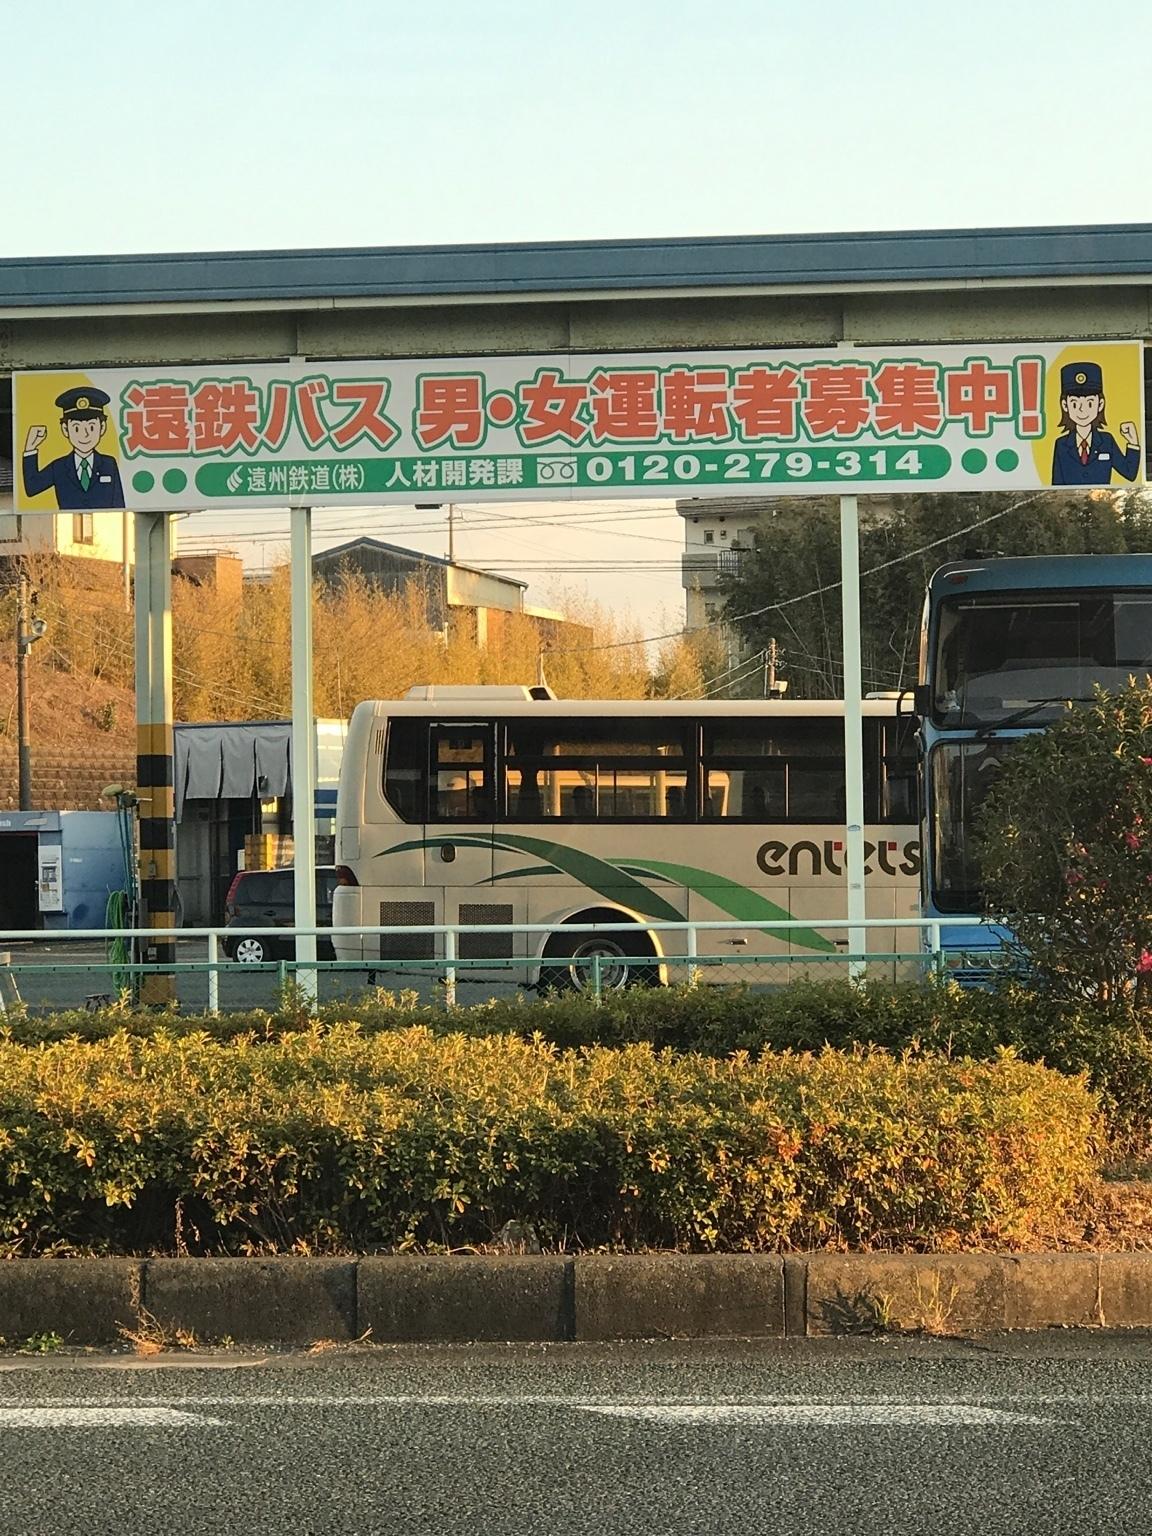 遠州鉄道(株) 磐田営業所 バス運...